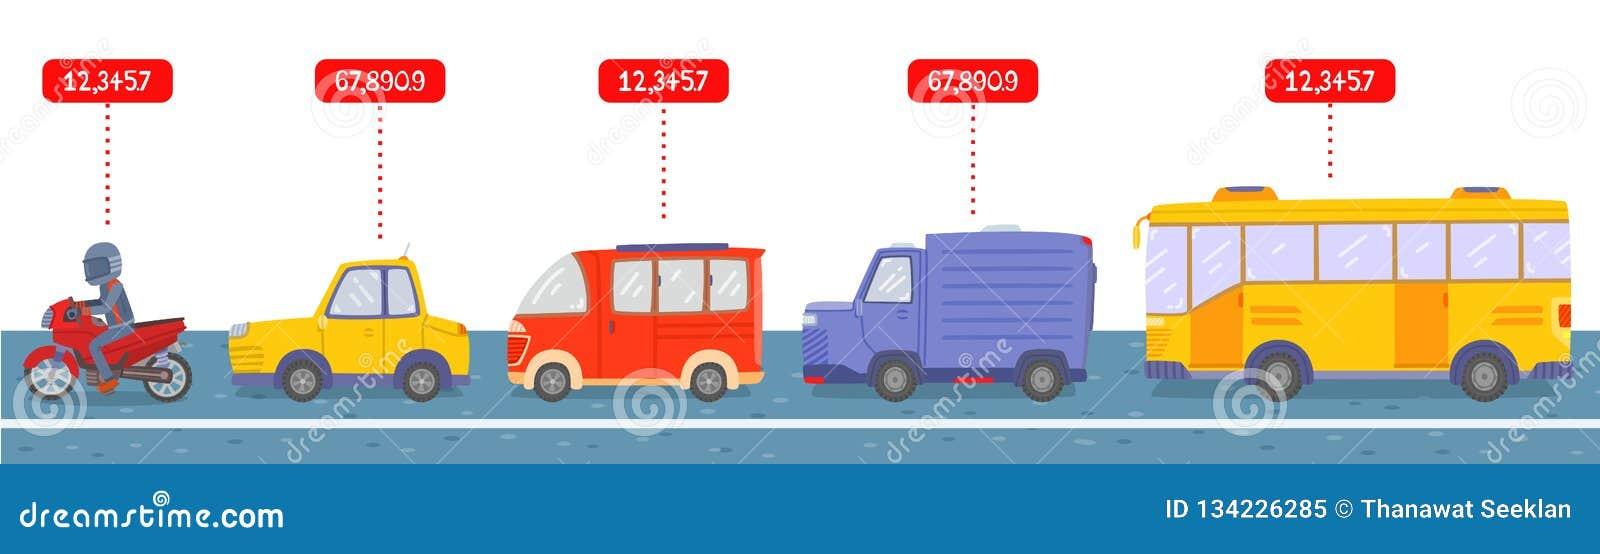 Velen type van voertuig op weg